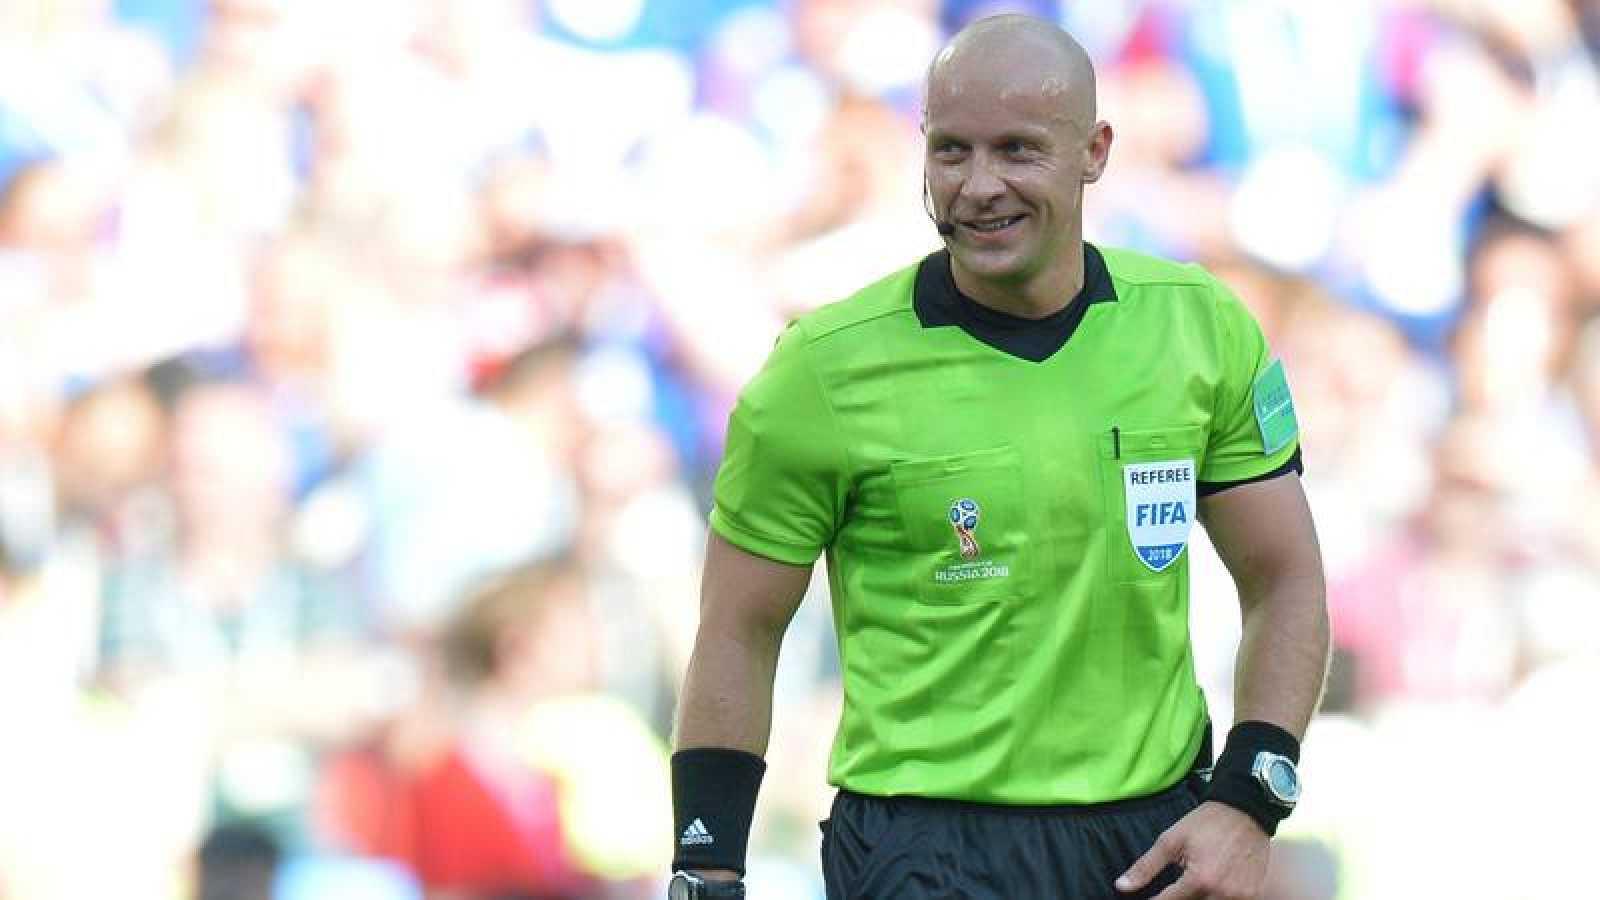 El polaco Szymon Marciniak dirigirá el Real Madrid-Atlético de Madrid de Supercopa